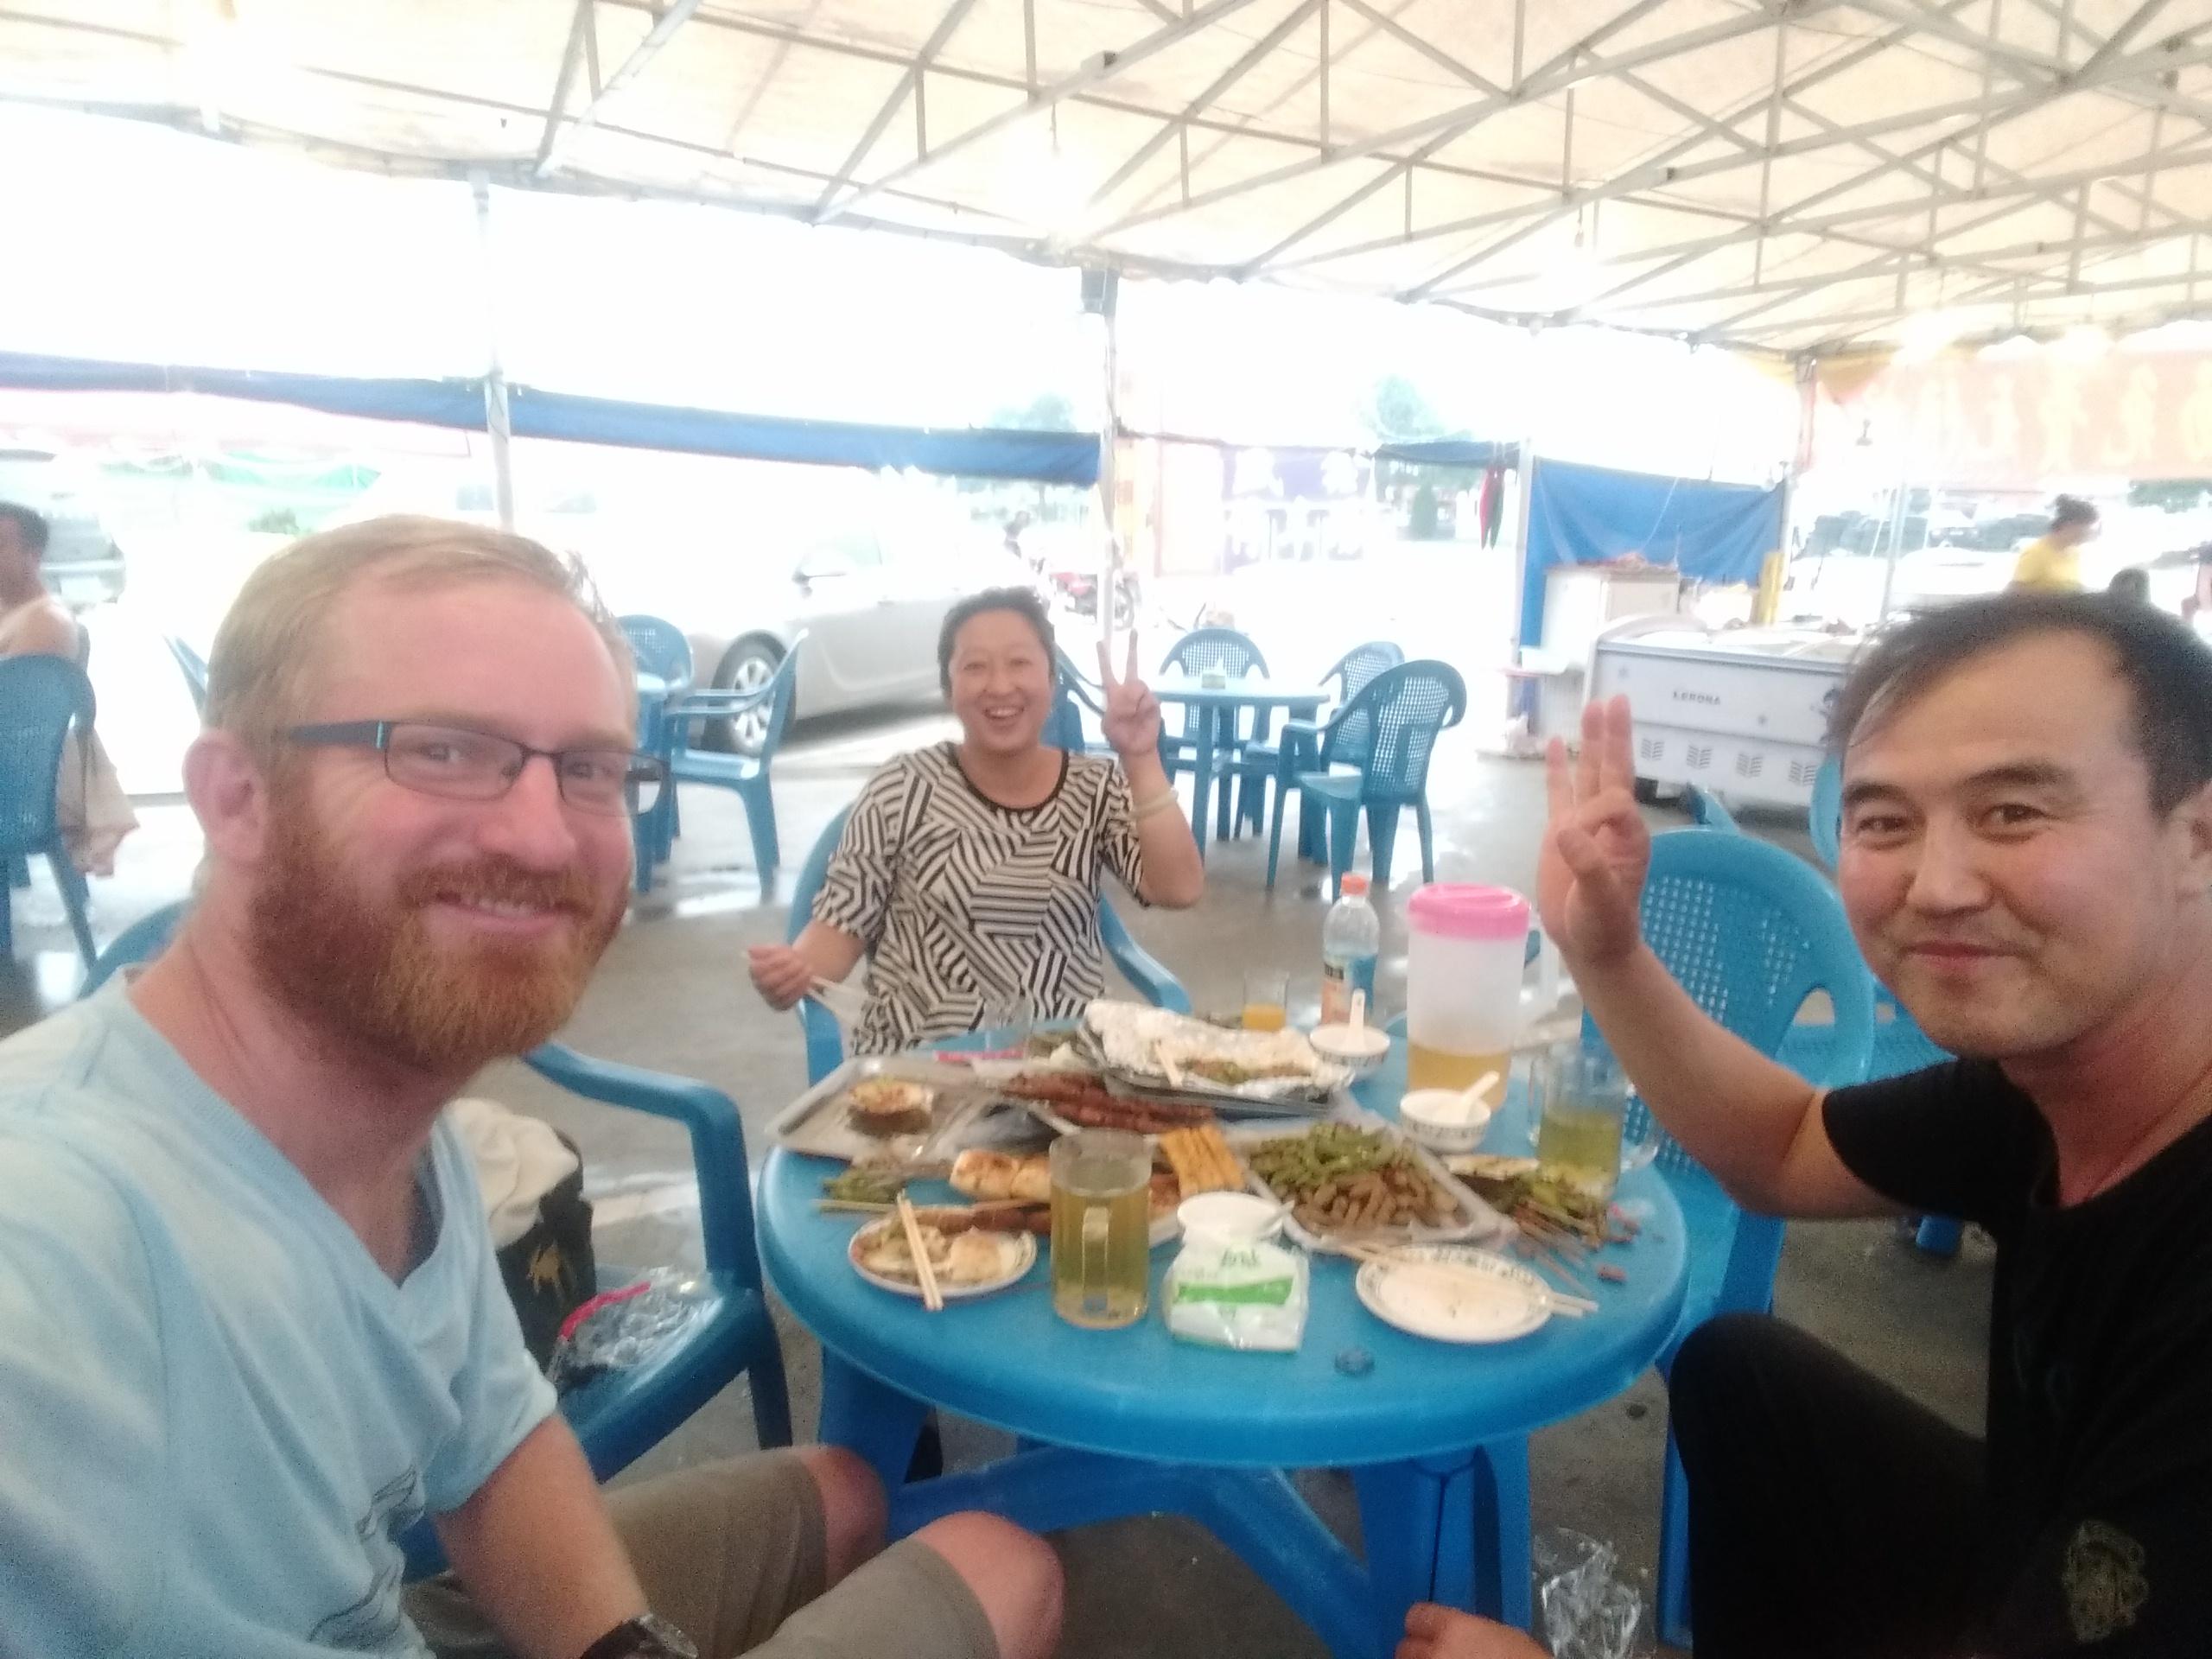 Nazoom and Ginger invited me for Dinner